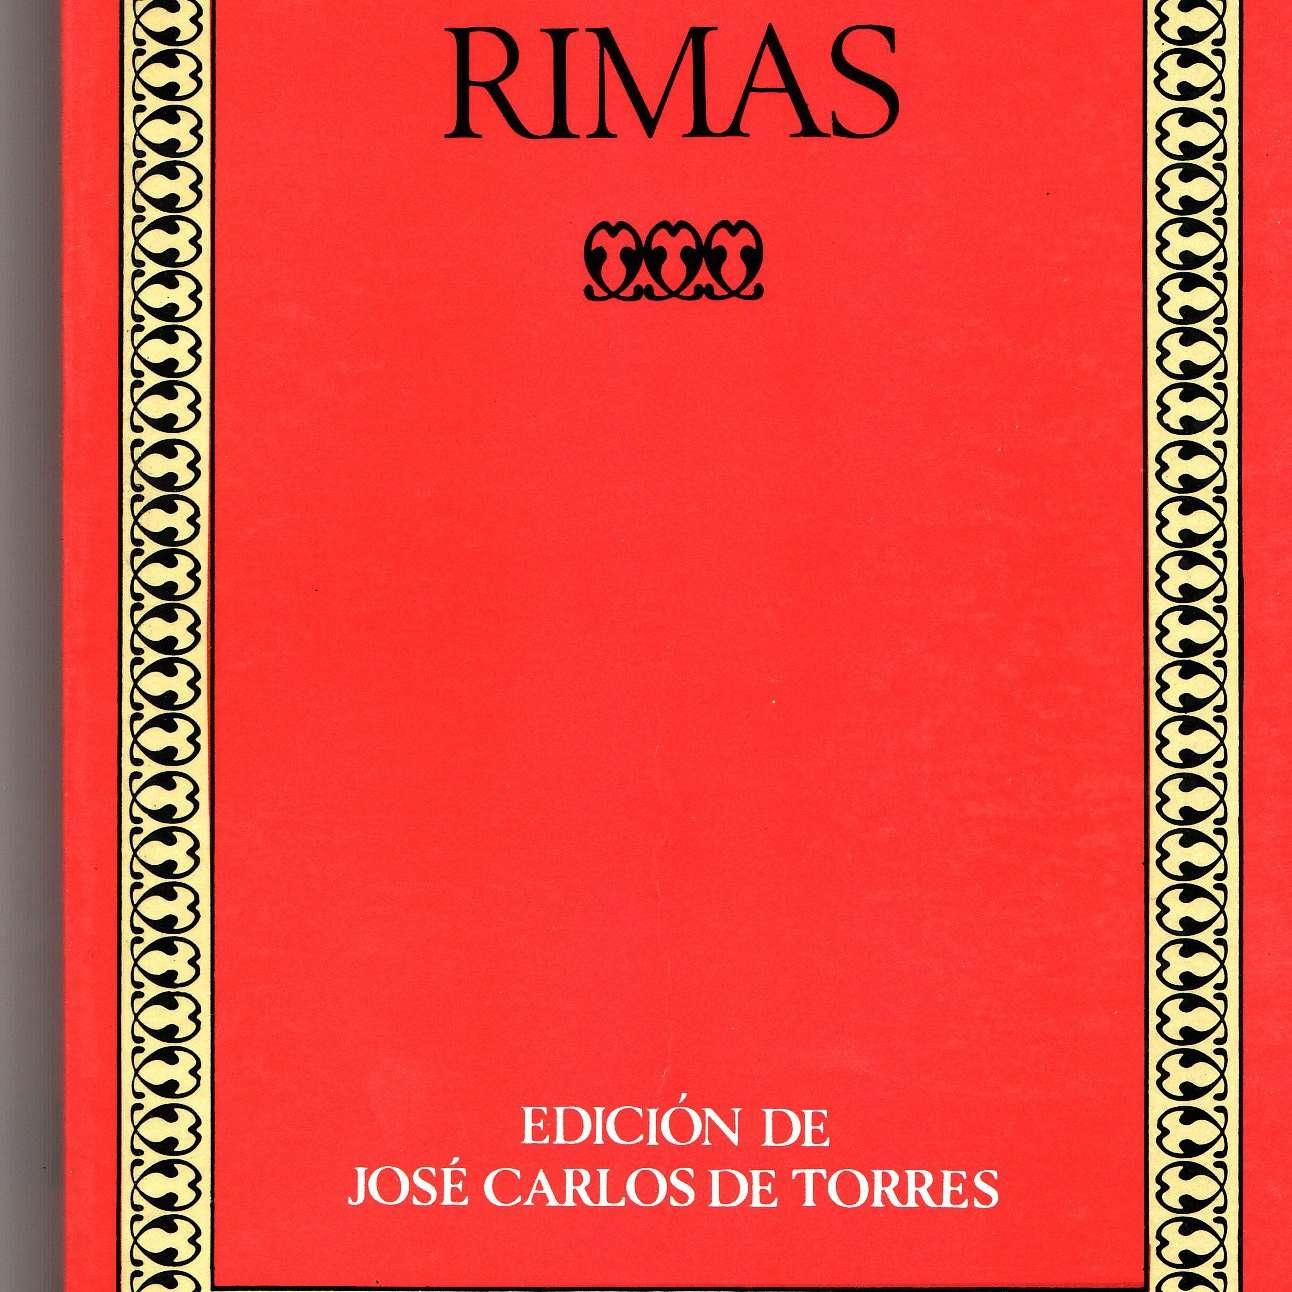 Rimas de Gustavo Adolfo Bécquer poesía romántica